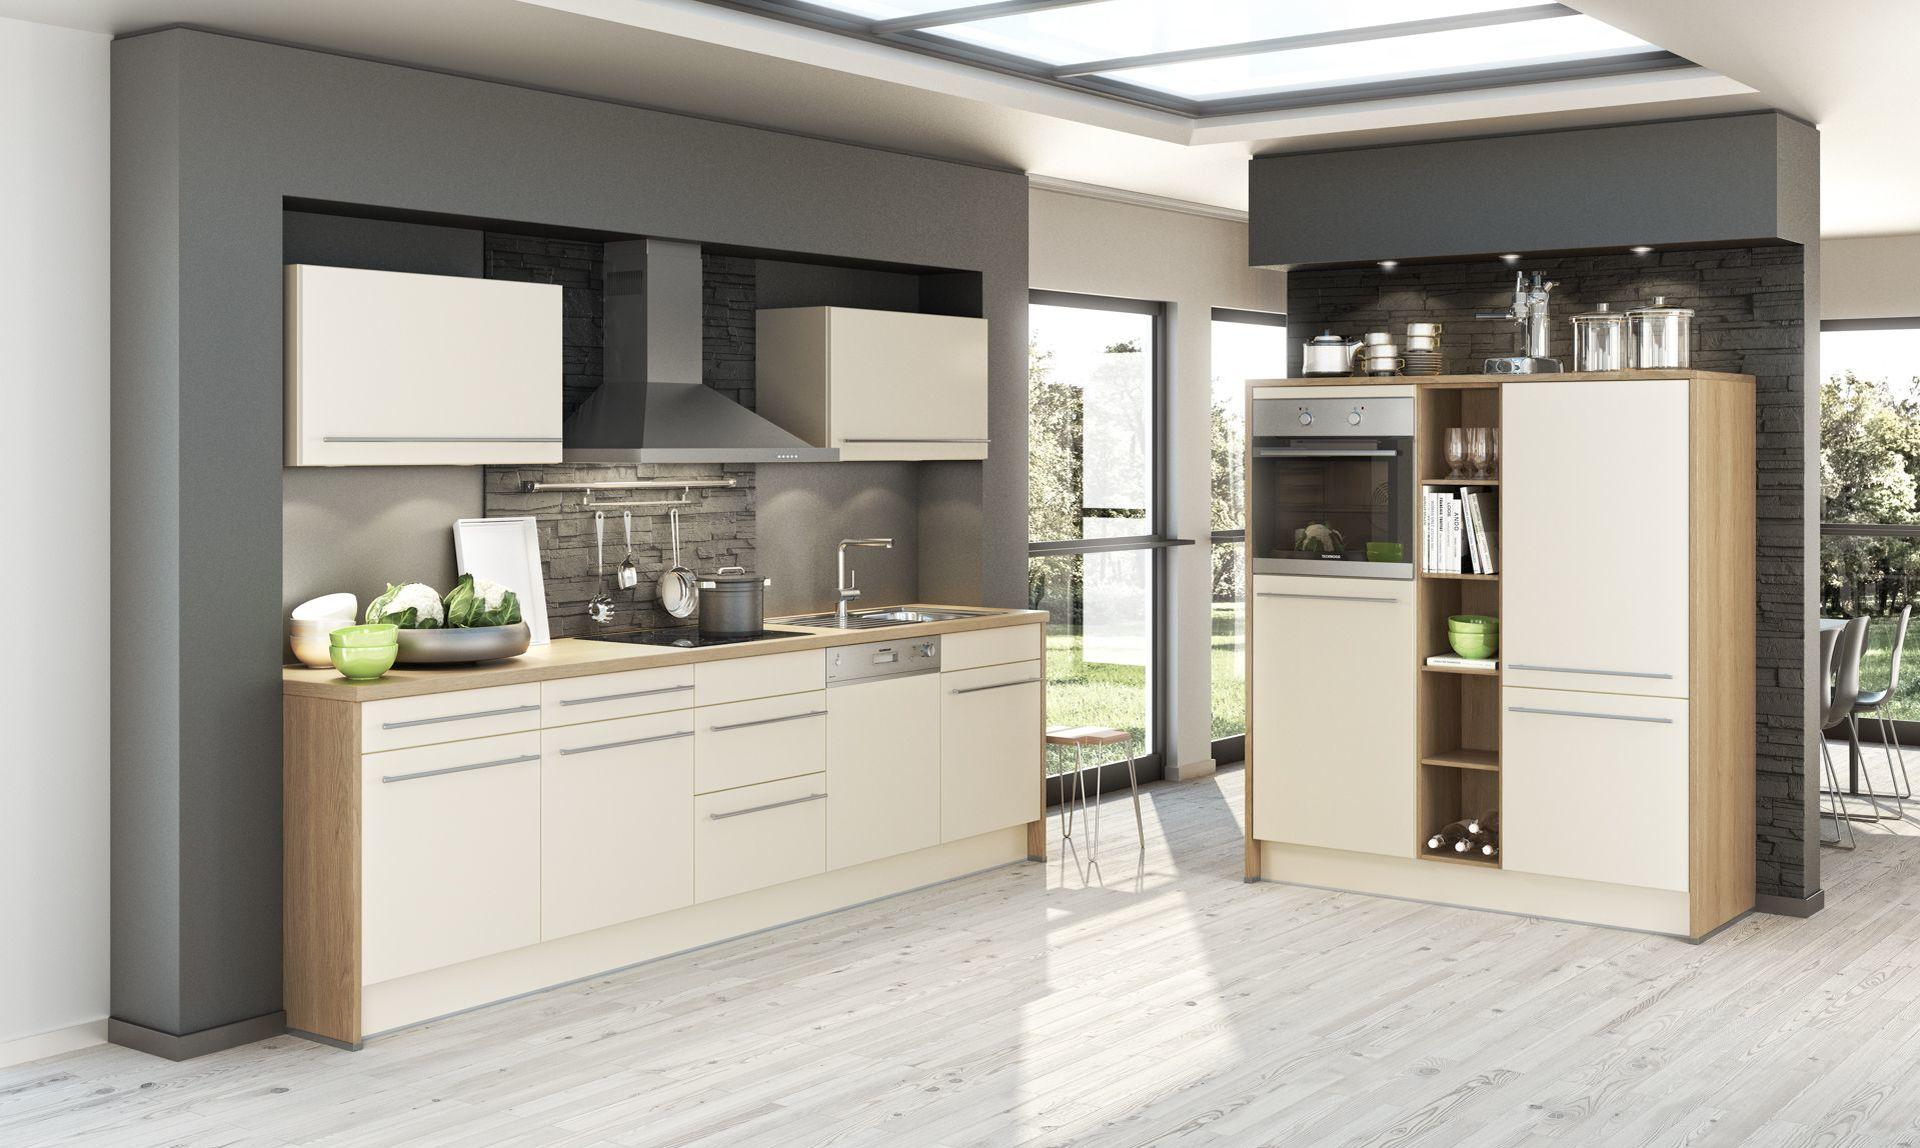 Full Size of Möbelix Küchen Klassische Kchen Ideen Fr Zeitlose Designs Mbelix Regal Wohnzimmer Möbelix Küchen